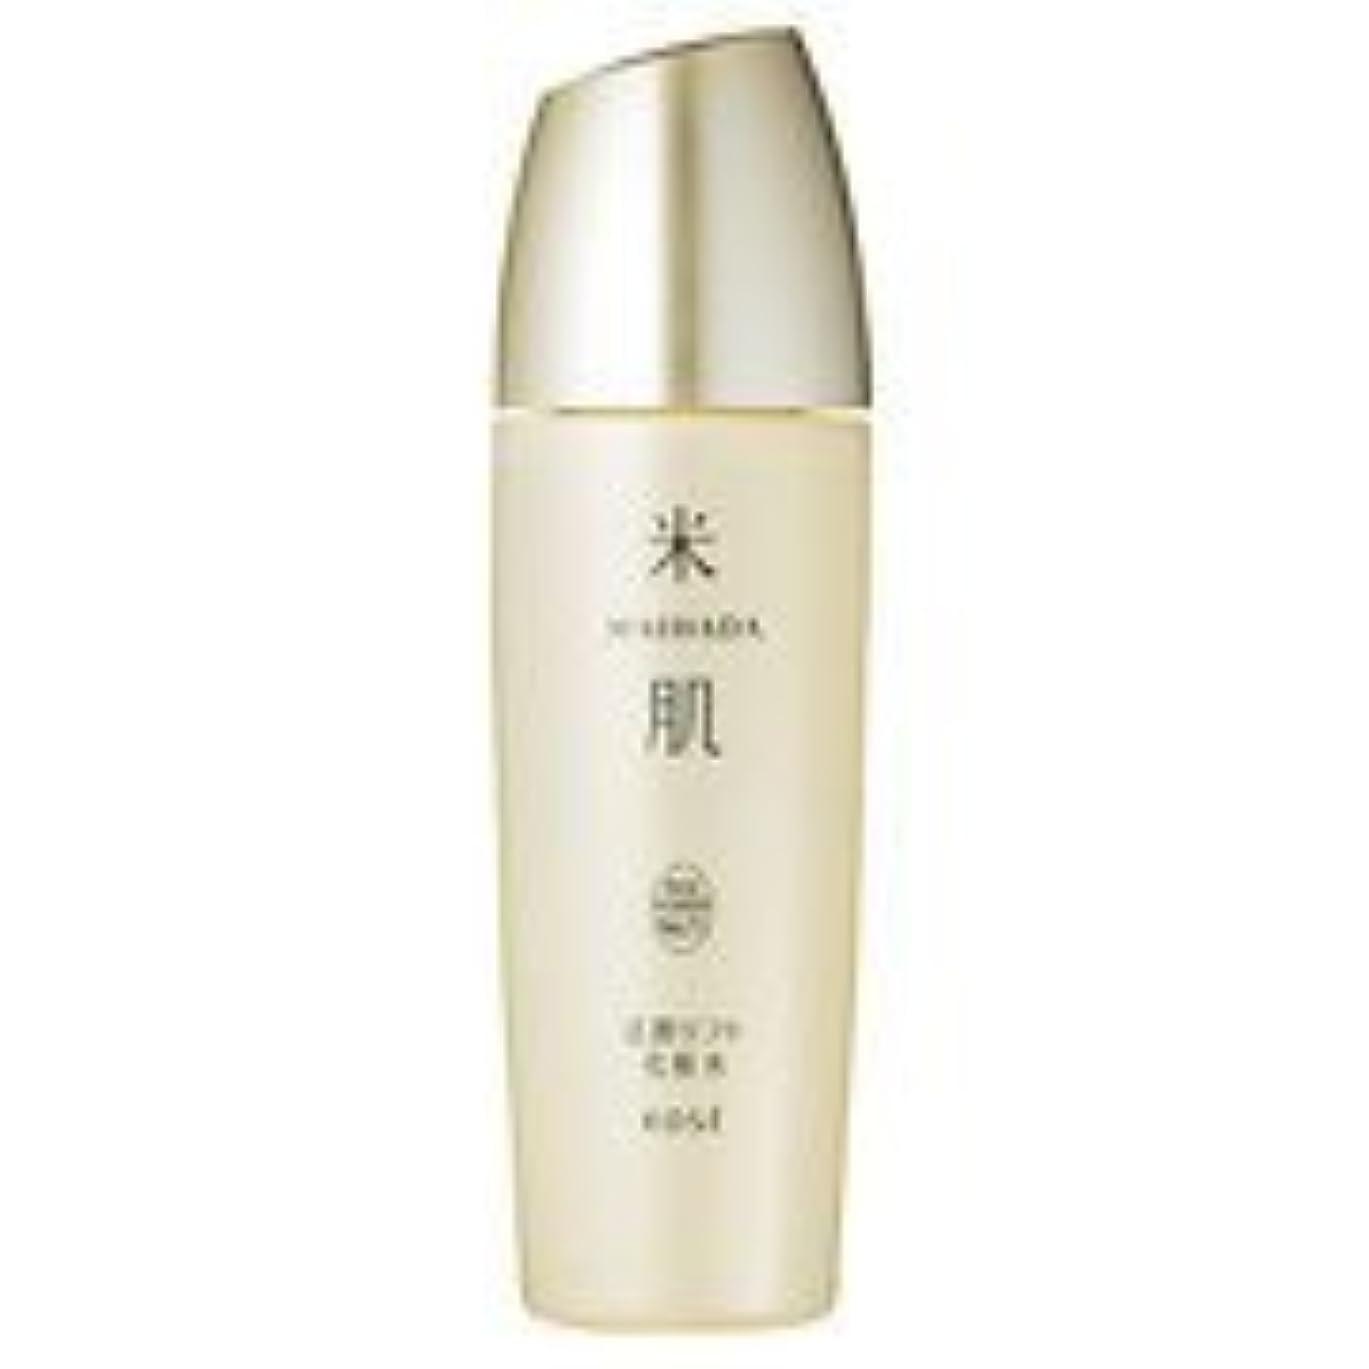 撤退反発する修復米肌(MAIHADA) 活潤リフト 化粧水 120ml